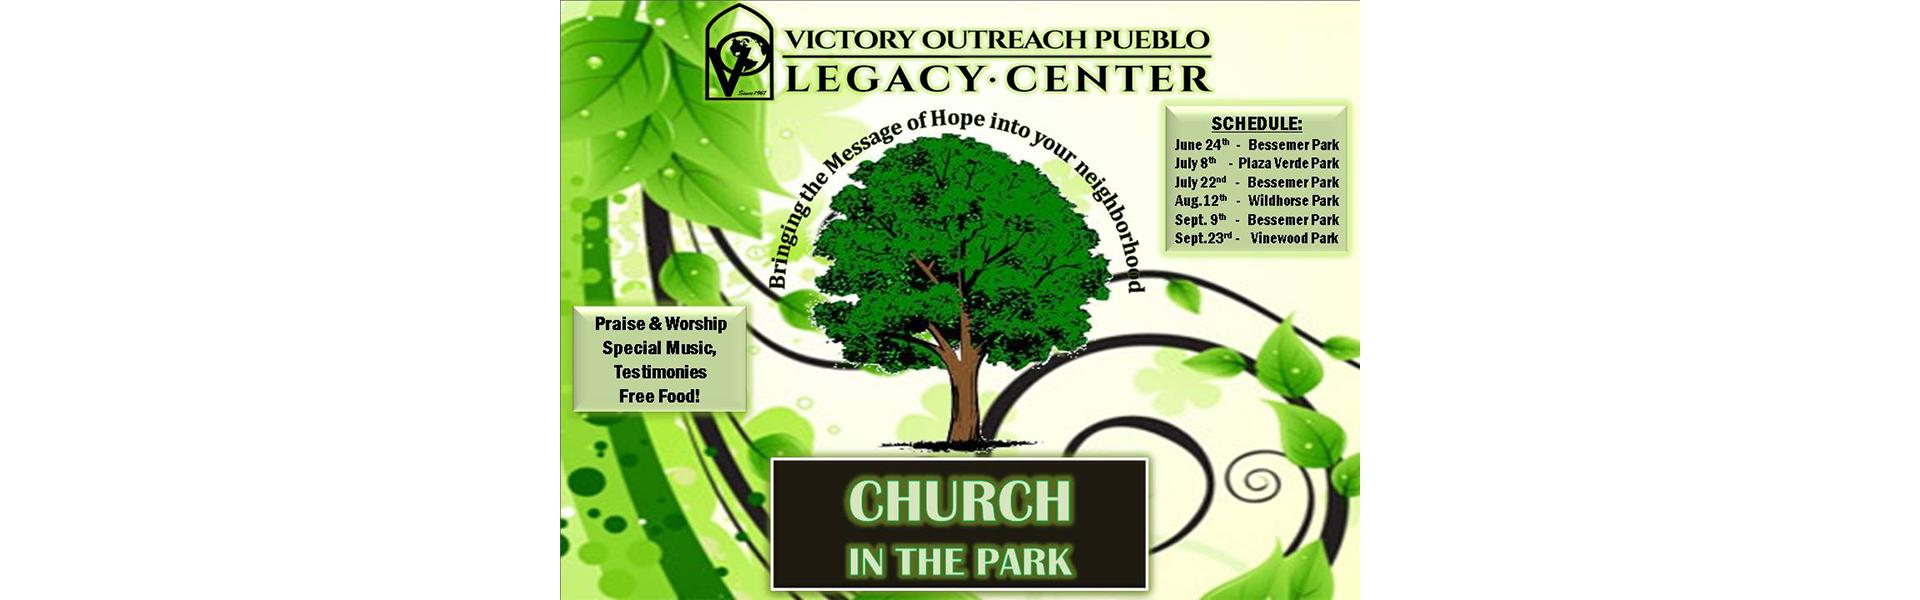 co Non domination churches pueblo